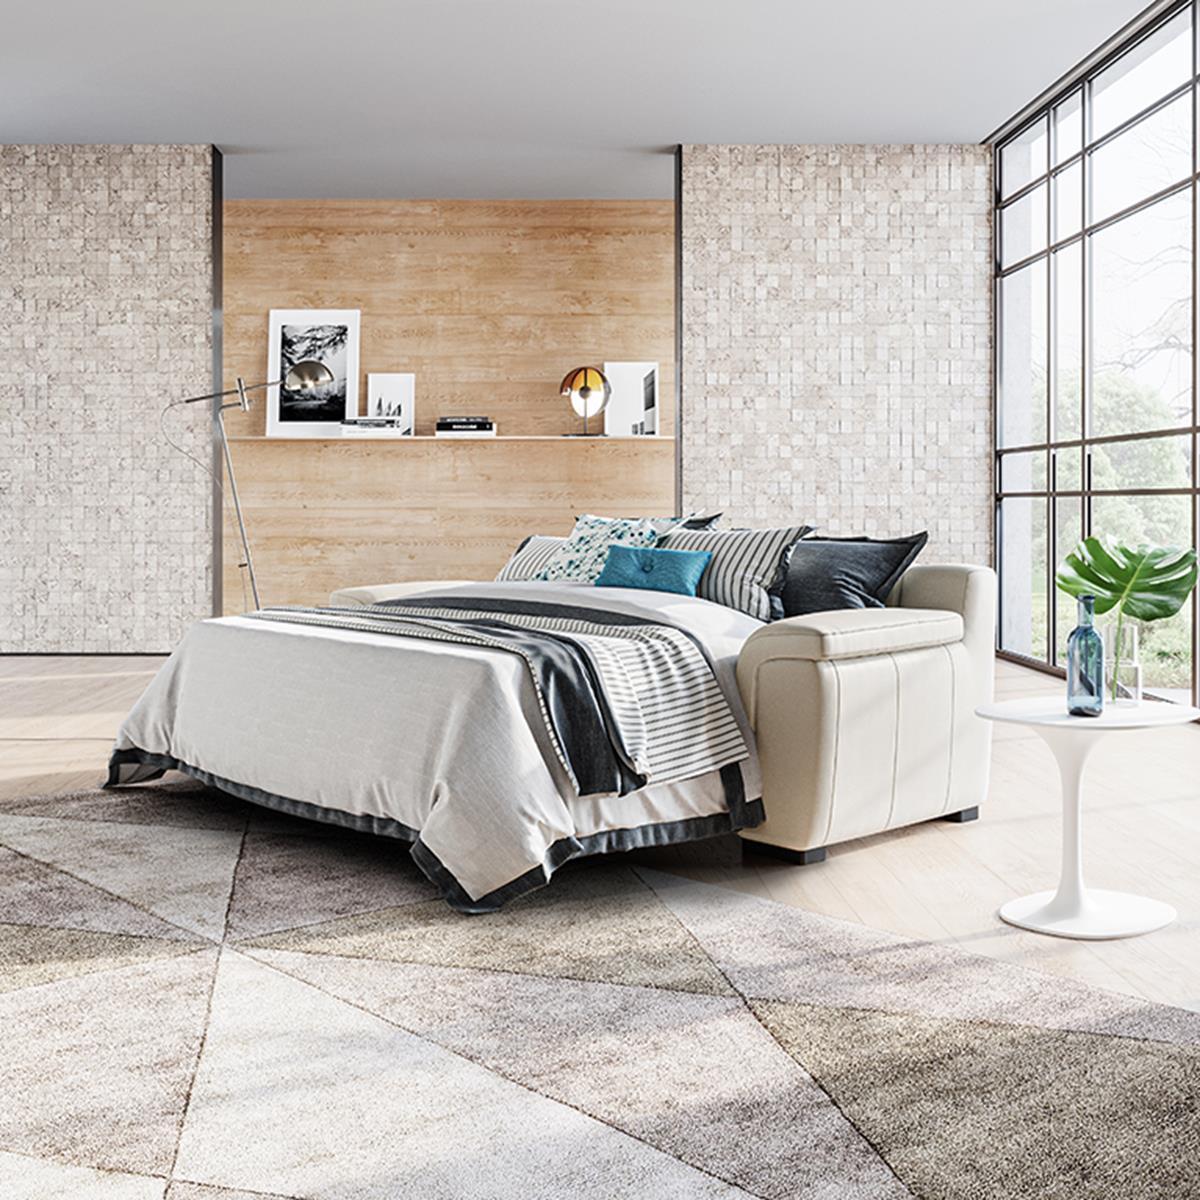 poltronesofa-collezione-divani-letto-21